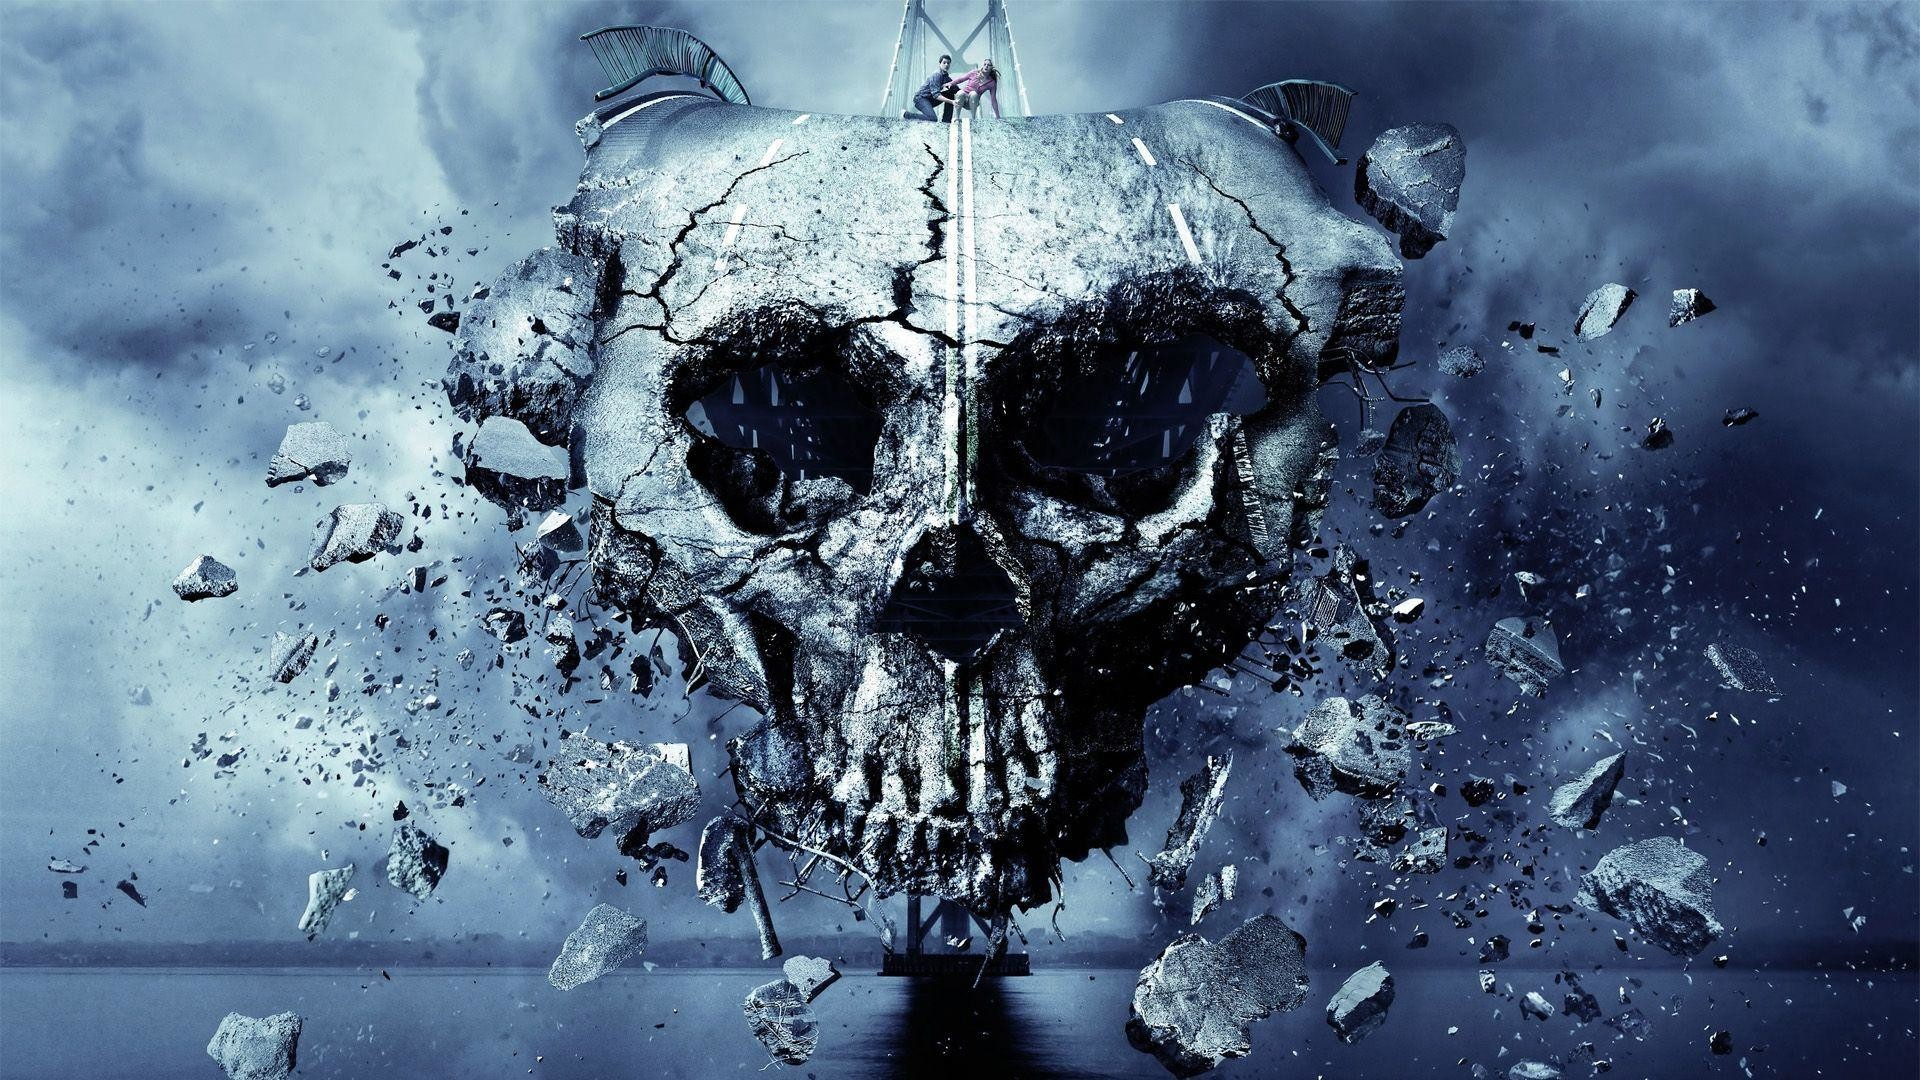 FINAL DESTINATION 5 dark skull skulls horror wallpaper   .